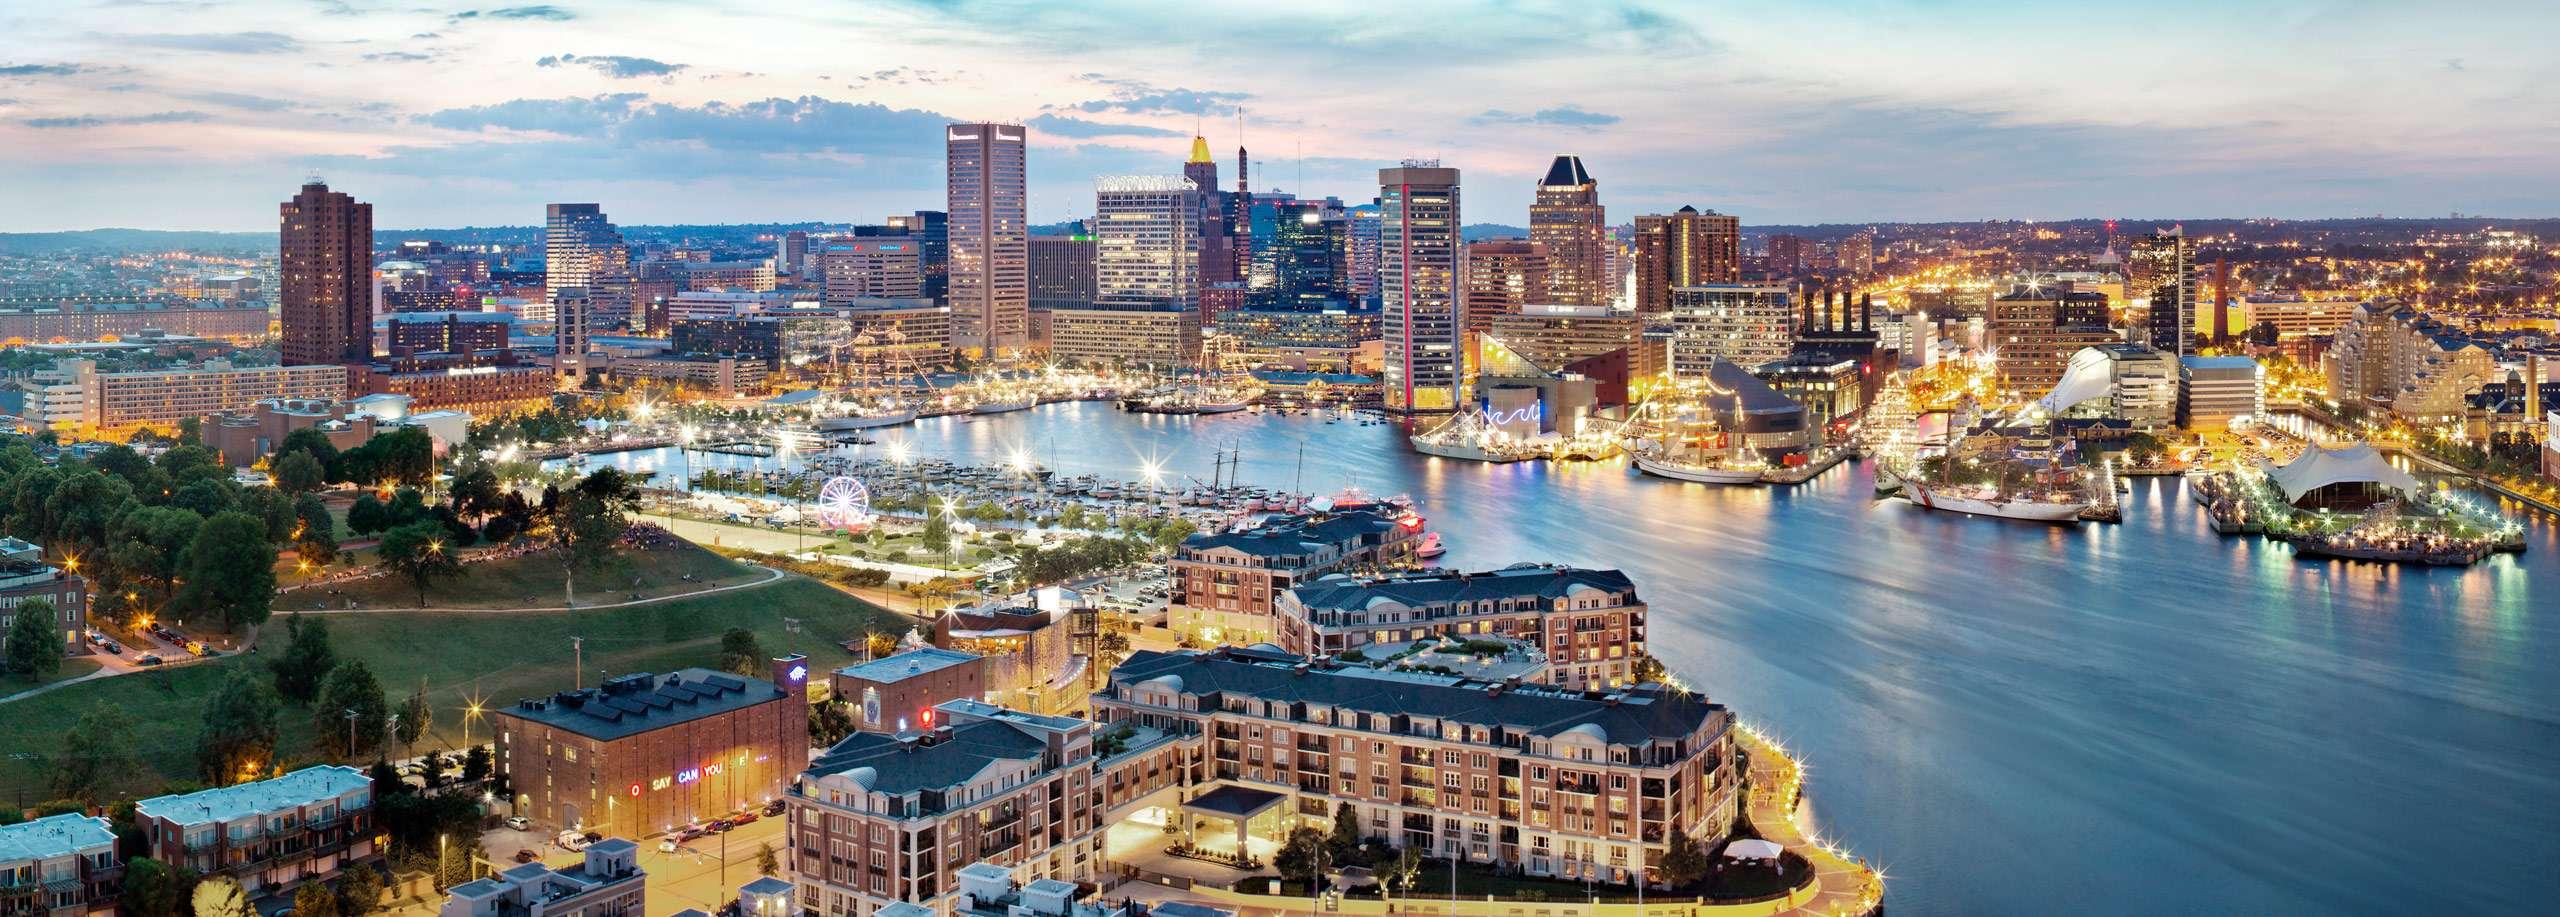 PORTFOLIO - Baltimore Skylines  #13-PCG677